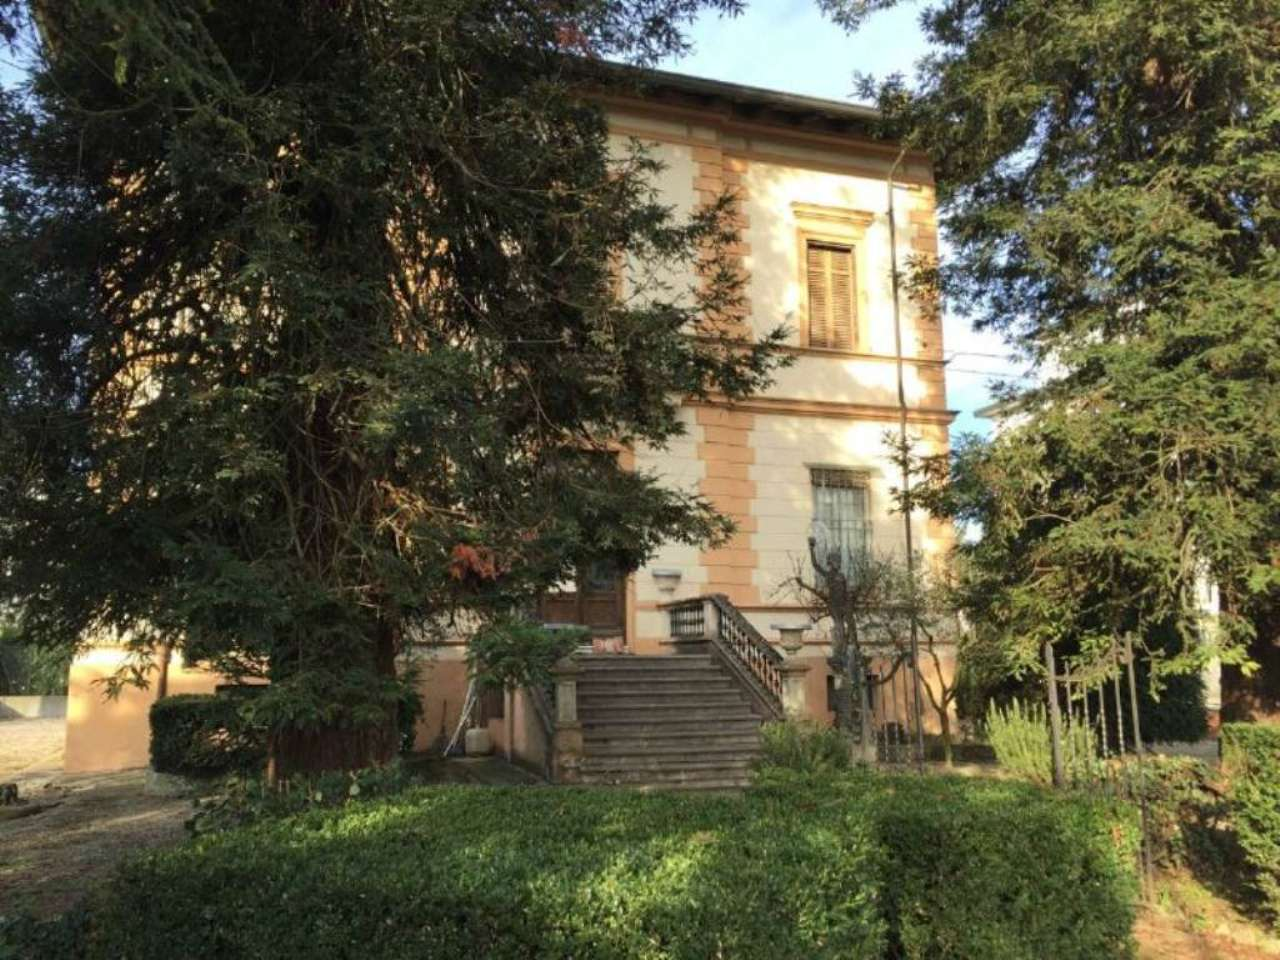 Villa in Vendita a Lugo Centro: 5 locali, 420 mq